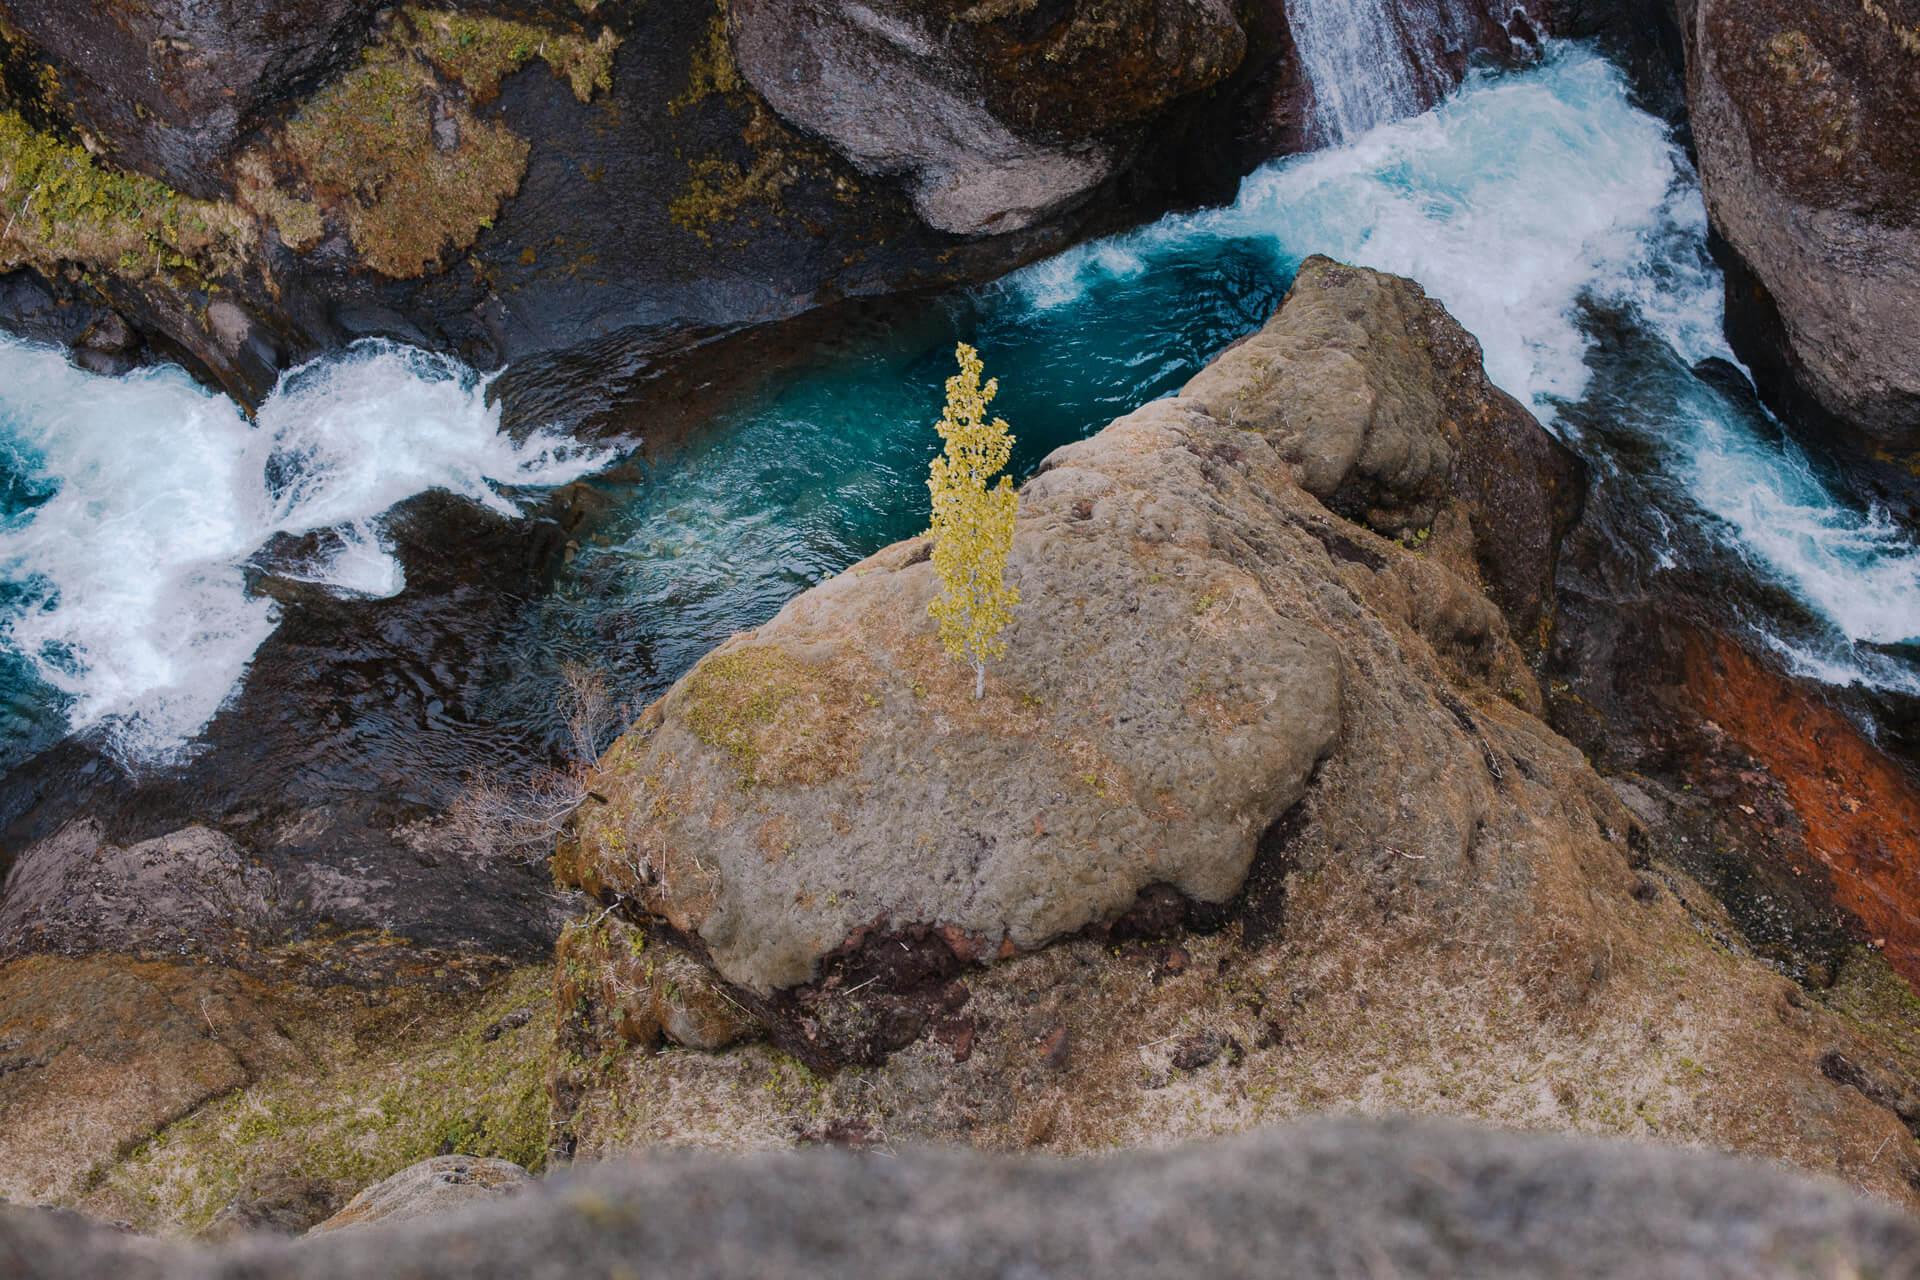 Fotostory von Redeleit und Junker - Fluss in Schlucht in Island